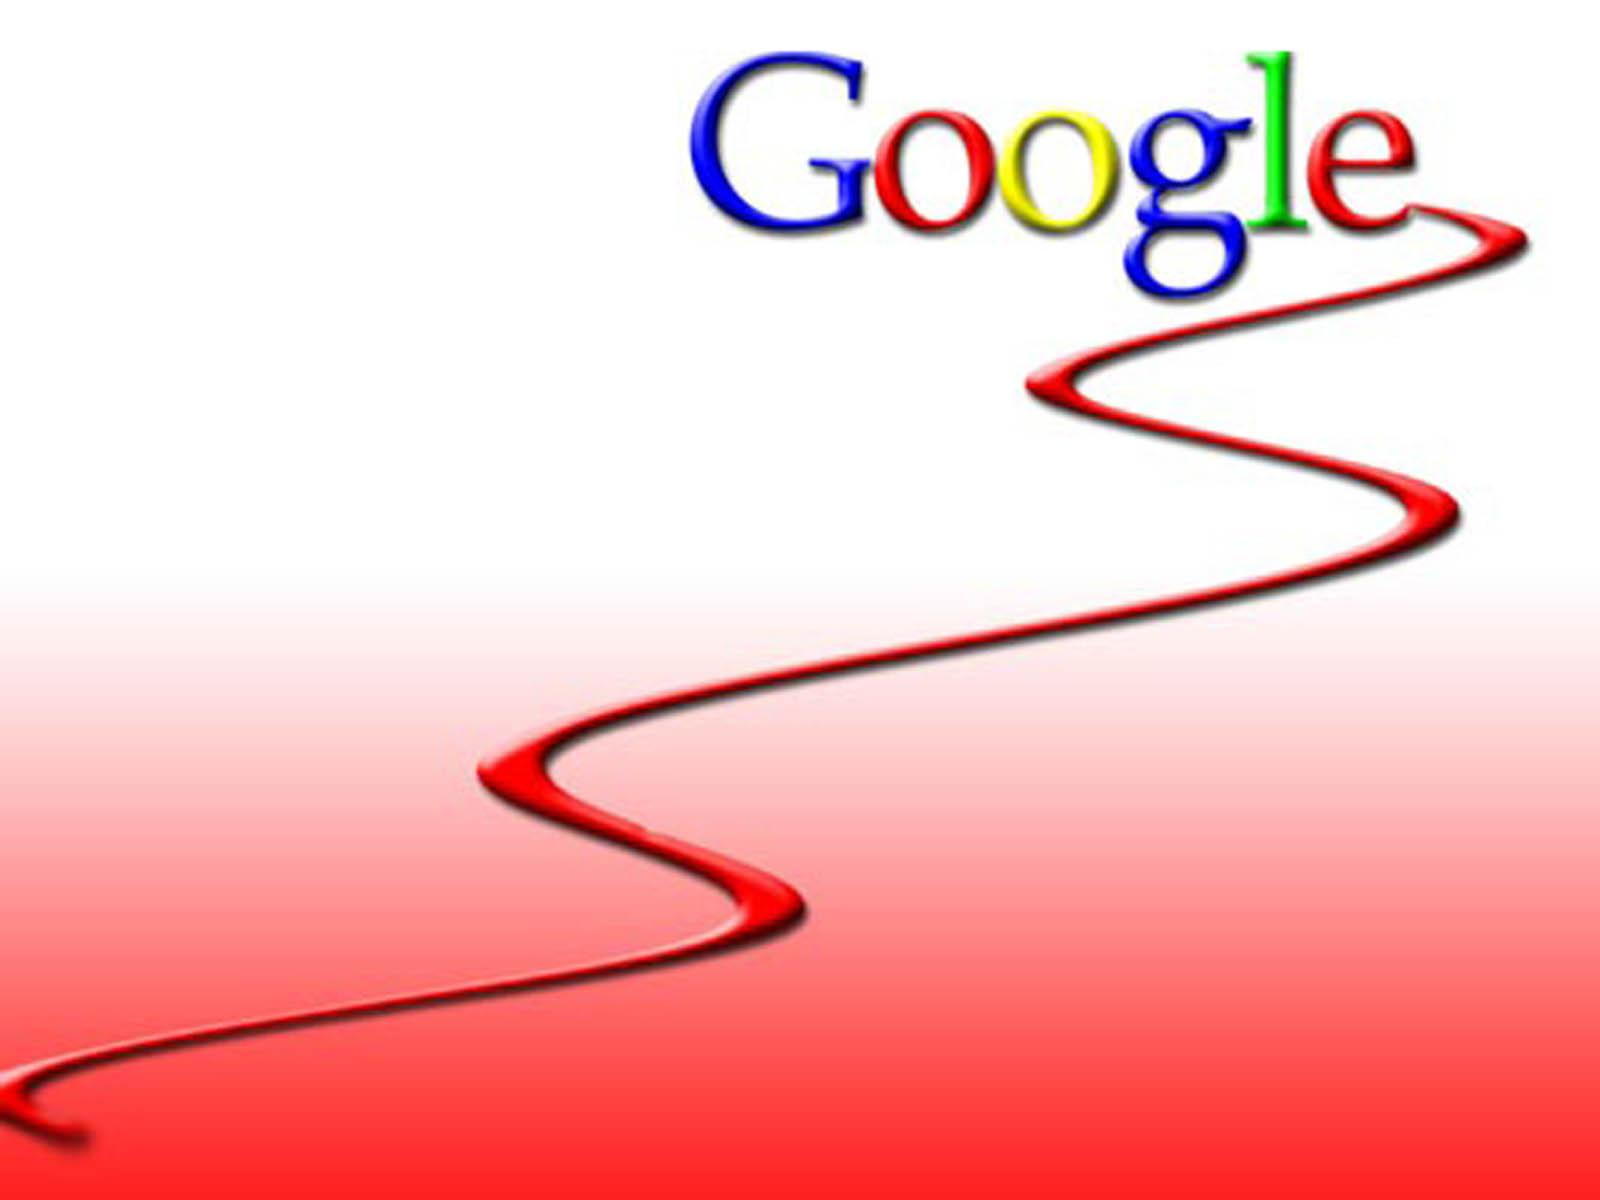 Google Wallpaper Desktop - WallpaperSafari